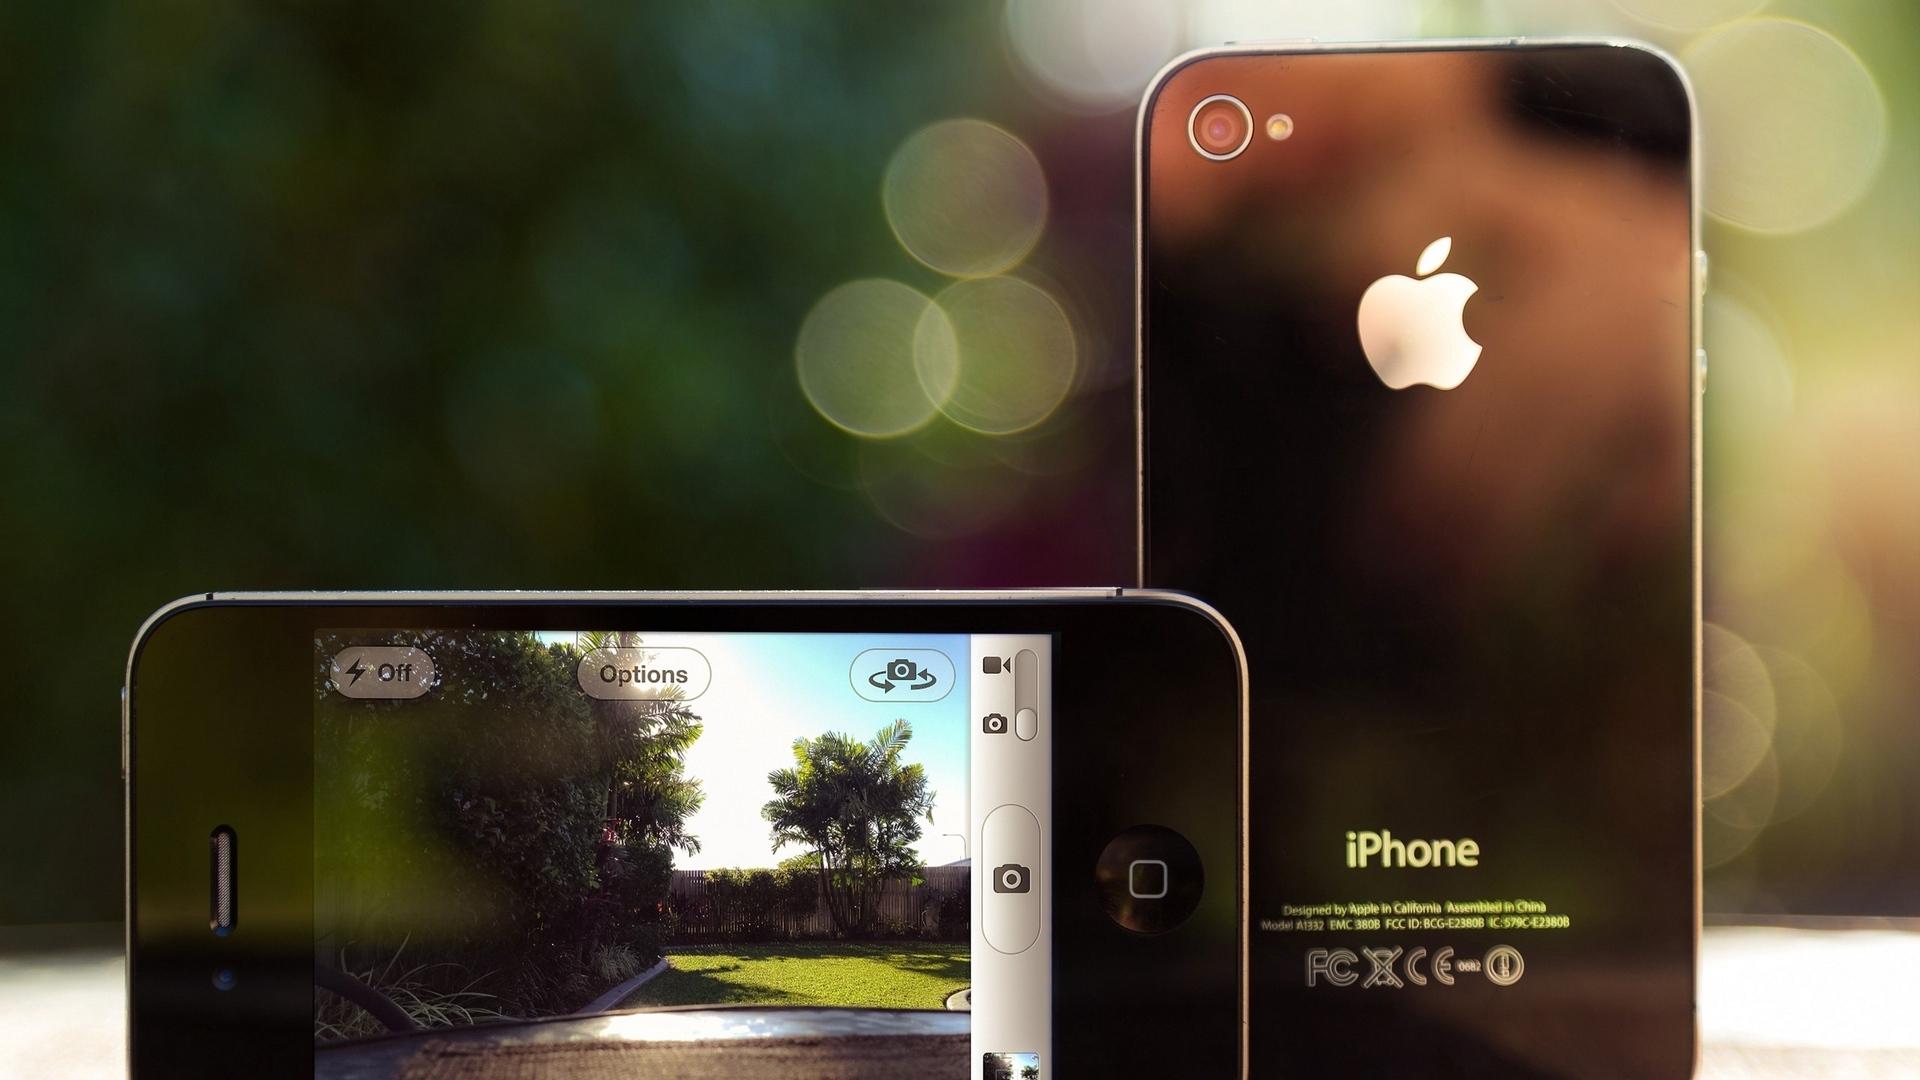 Wallpaper Iphone, Apple, Mac, Mobile Phone, Display, - Hd Images Of Mobile Phones - HD Wallpaper